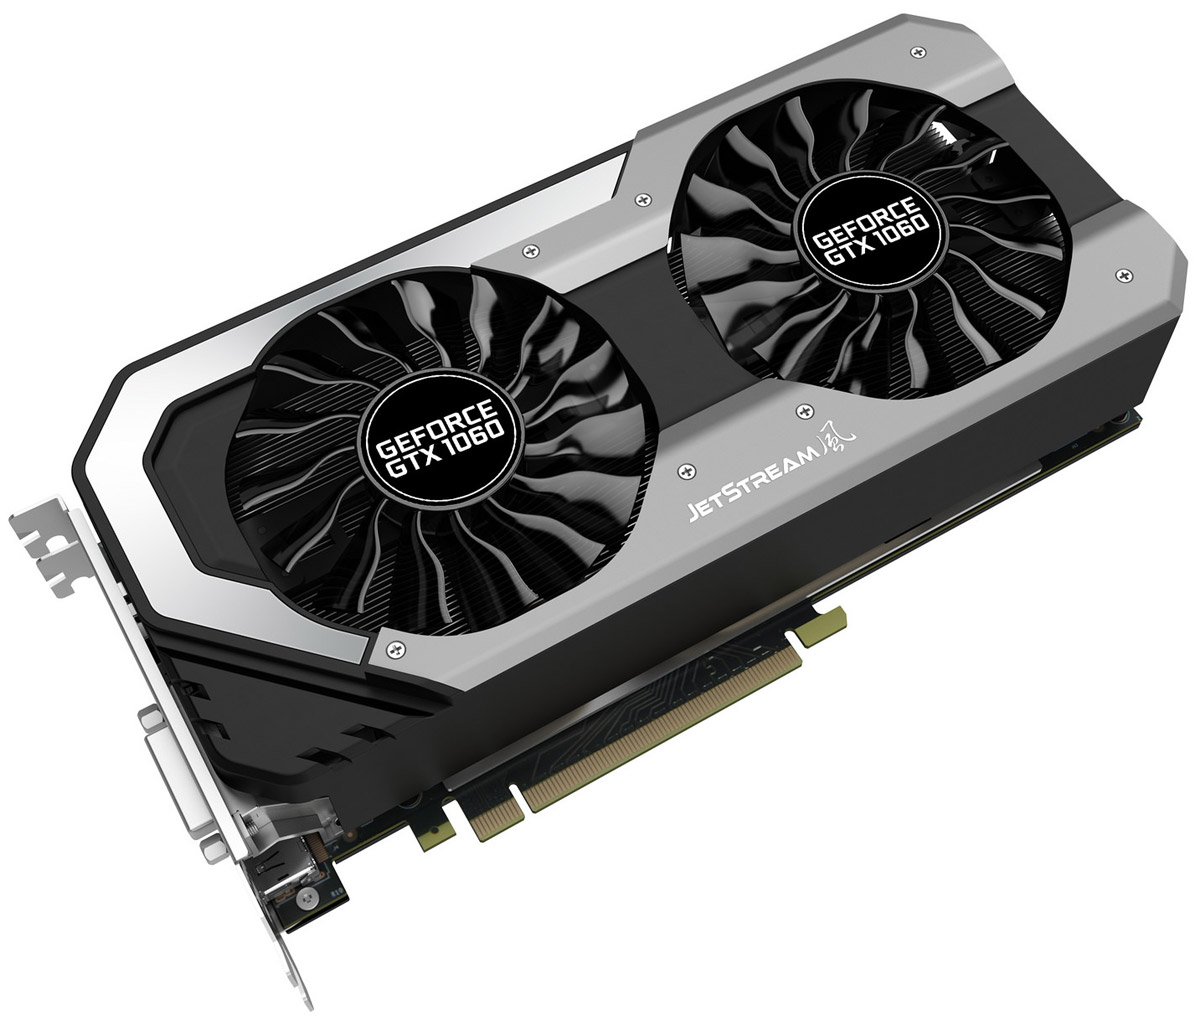 Palit GeForce GTX 1060 Super JetStream 6GB видеокартаNE51060S15J9-1060JВидеокарта серии Palit GeForce GTX 1060 Super JetStream 6GB отличается продвинутой системой охлаждения и оптимизированной конструкцией для достижения максимальной игровой производительности. Архитектура нового поколения NVIDIA Pascal с высокой энергоэффективностью и поддержкой современных игровых технологий гарантируют пользователям видеокарты Palit GeForce GTX 1060 Super JetStream производительность ультрасовременного уровня и уникальный игровой опыт!Видеокарта оснащена RGB-подсветкой. Ее цвет может изменяться в зависимости от температуры видеокарты, что позволяет определить температуру и нагрузку по внешнему виду. Поддержка 16.8 миллионов цветов предоставляет возможность индивидуальной настройки каждому пользователю в соответствии с личными предпочтениями.Две версии BIOS с автоматической активацией защитного механизма обеспечивают нормальное функционирование видеокарты при системном сбое или некорректной прошивке.Конструкция крепёжной панели с ячейками в виде сот увеличивает отводимый от графического процессора воздушный поток на 15%, что улучшает общую эффективность системы охлаждения.Конструкция с двумя вентиляторами удваивает производительность системы охлаждения, а пара умных вентиляторов диаметром 90 мм эффективно отводит тепло от горячих точек видеокарты. Основанные на технологиях реактивных двигателей, вентиляторы TurboFan Blade увеличивают мощность кулера, генерируя мощный воздушный поток и высокое давление.Наслаждайтесь тишиной во время работы или просмотра видео. Вентиляторы видеокарты включаются только при увеличении нагрузки, например, в играх, если температура графического процессора карты превышает 50 градусов.Благодаря наличию разъемов DisplayPort и HDMI, видеокарты серии Palit позволяют подключать сразу два монитора с разрешением 4K и наслаждаться просто невероятным качеством изображения.